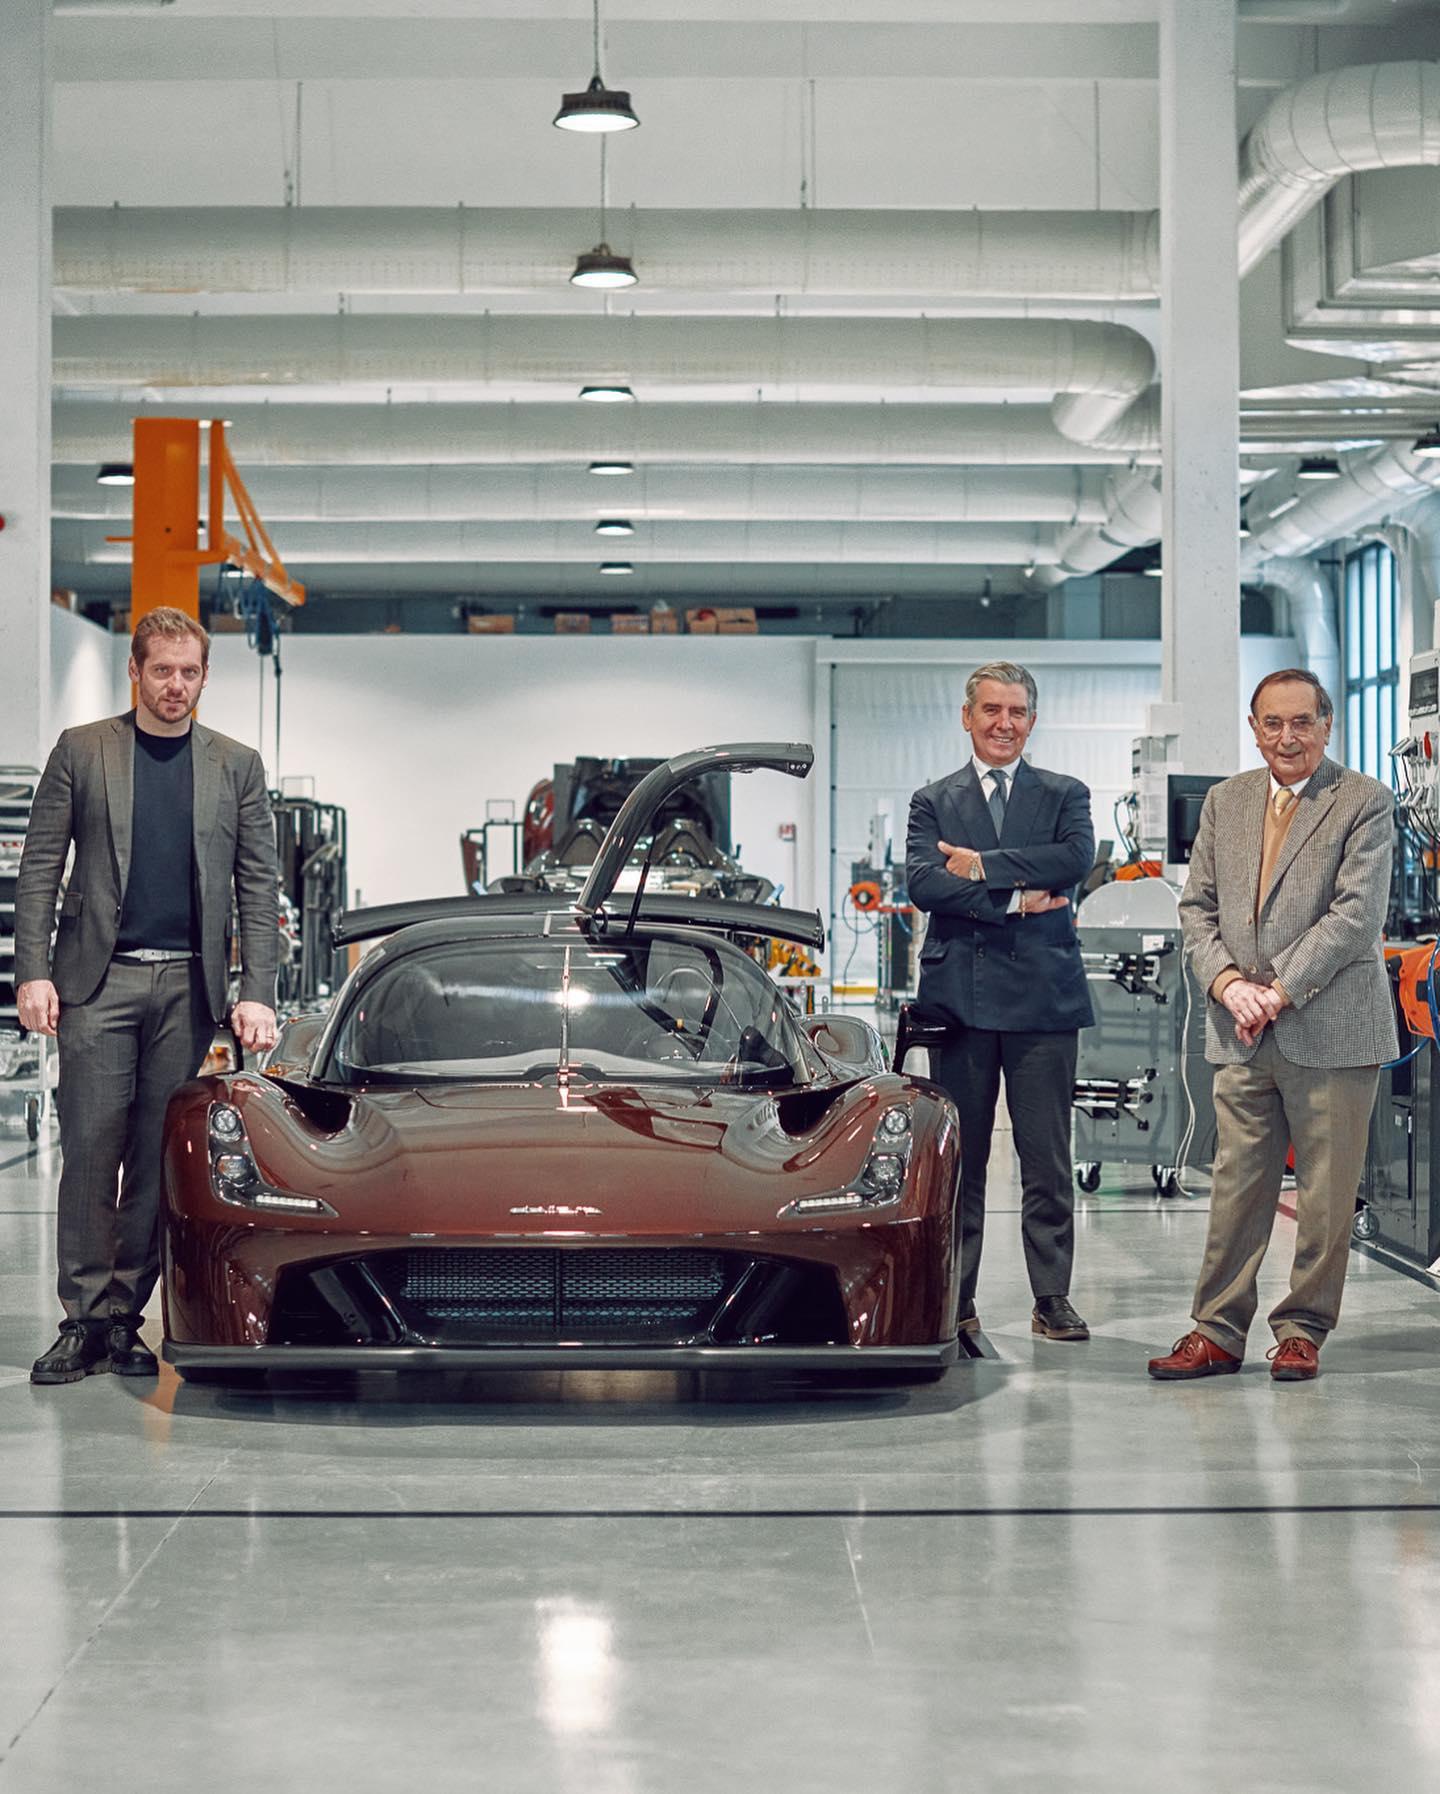 La Dallara Stradale si presenta come un puro concentrato di potenza e leggerezza. L'auto presenta i colori del brand Trussardi.